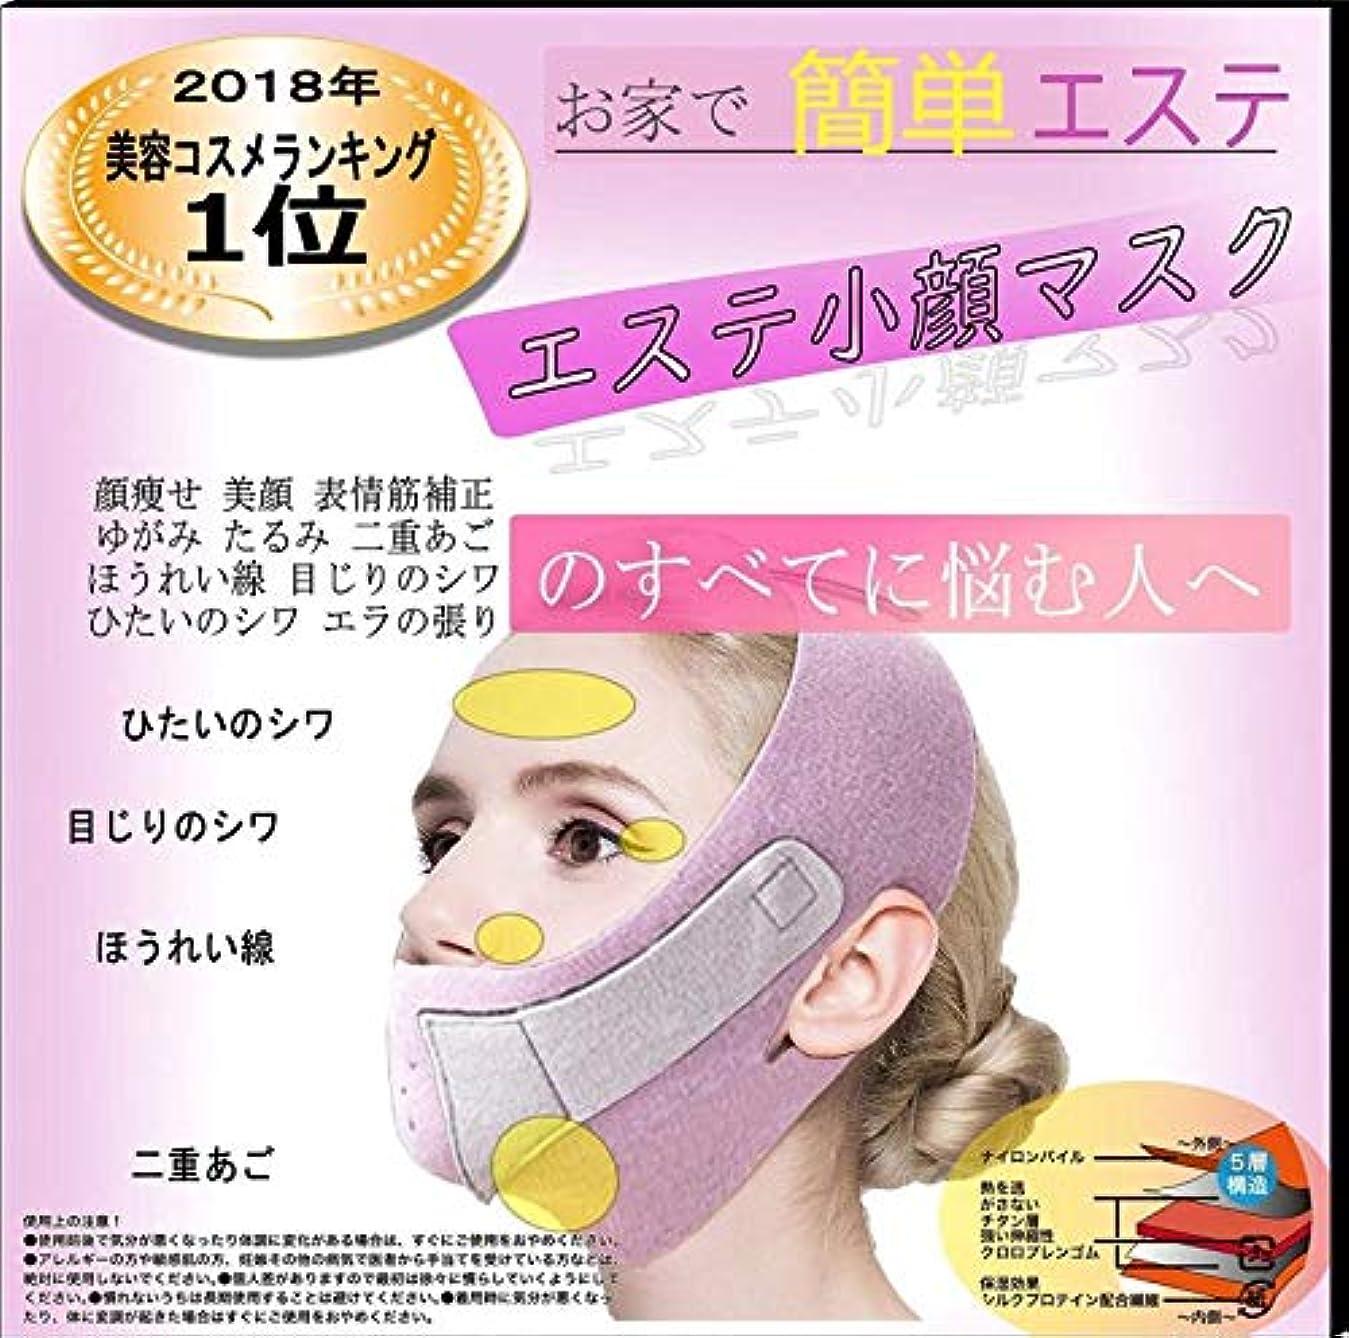 ピース理論的パールフェイスラインベルト 引き上げマスク 弾力V-ラインマスク 引っ張る 額、顎下、頬リフトアップ 小顔 美顔 矯正 顔痩せ 最新型 小顔マスク 豊齢線予防 頬のたるみ 抗シワ 美顔 Lサイズ ピンク